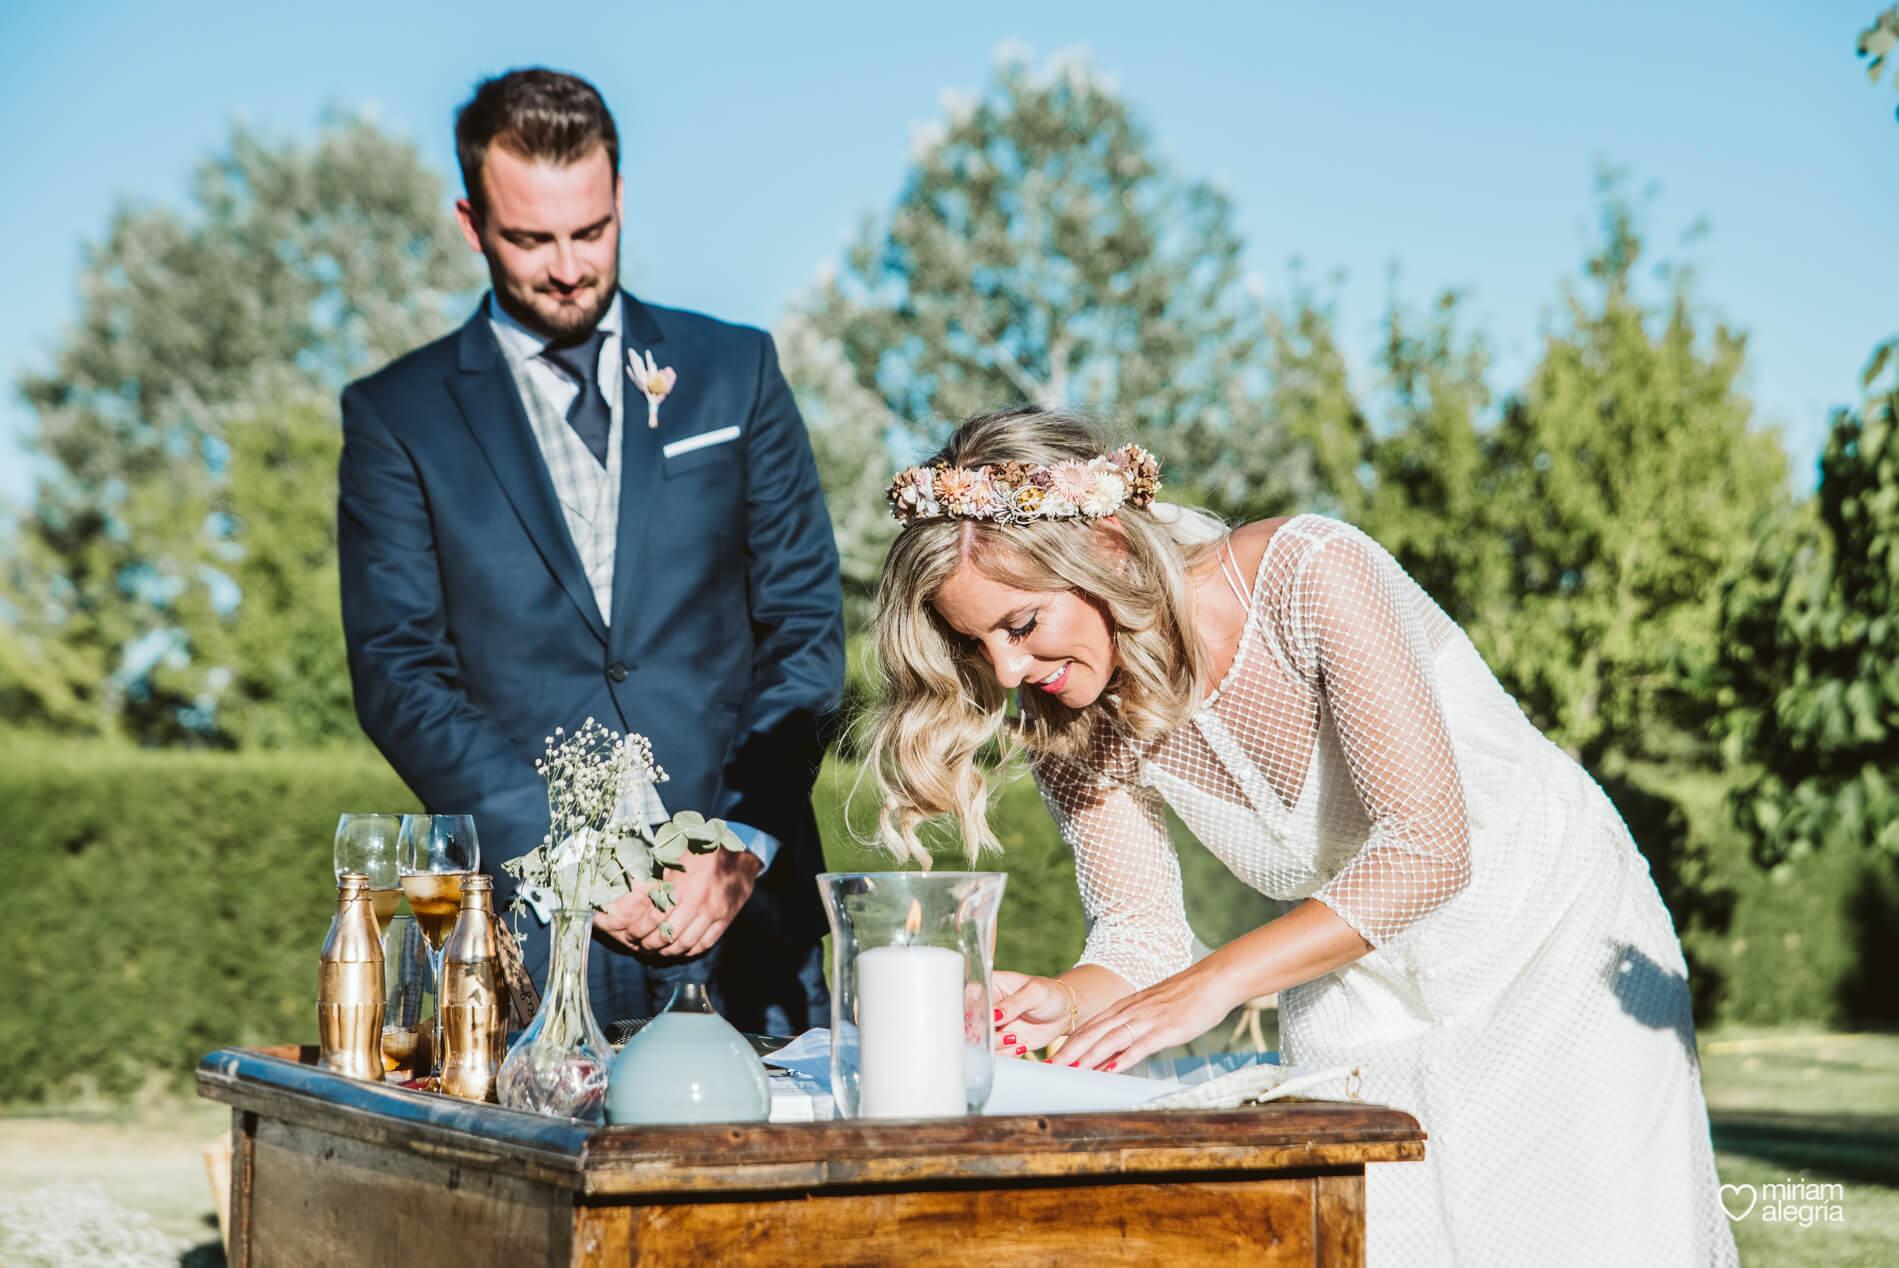 boda-en-collados-miriam-alegria-cayetana-ferrer-61